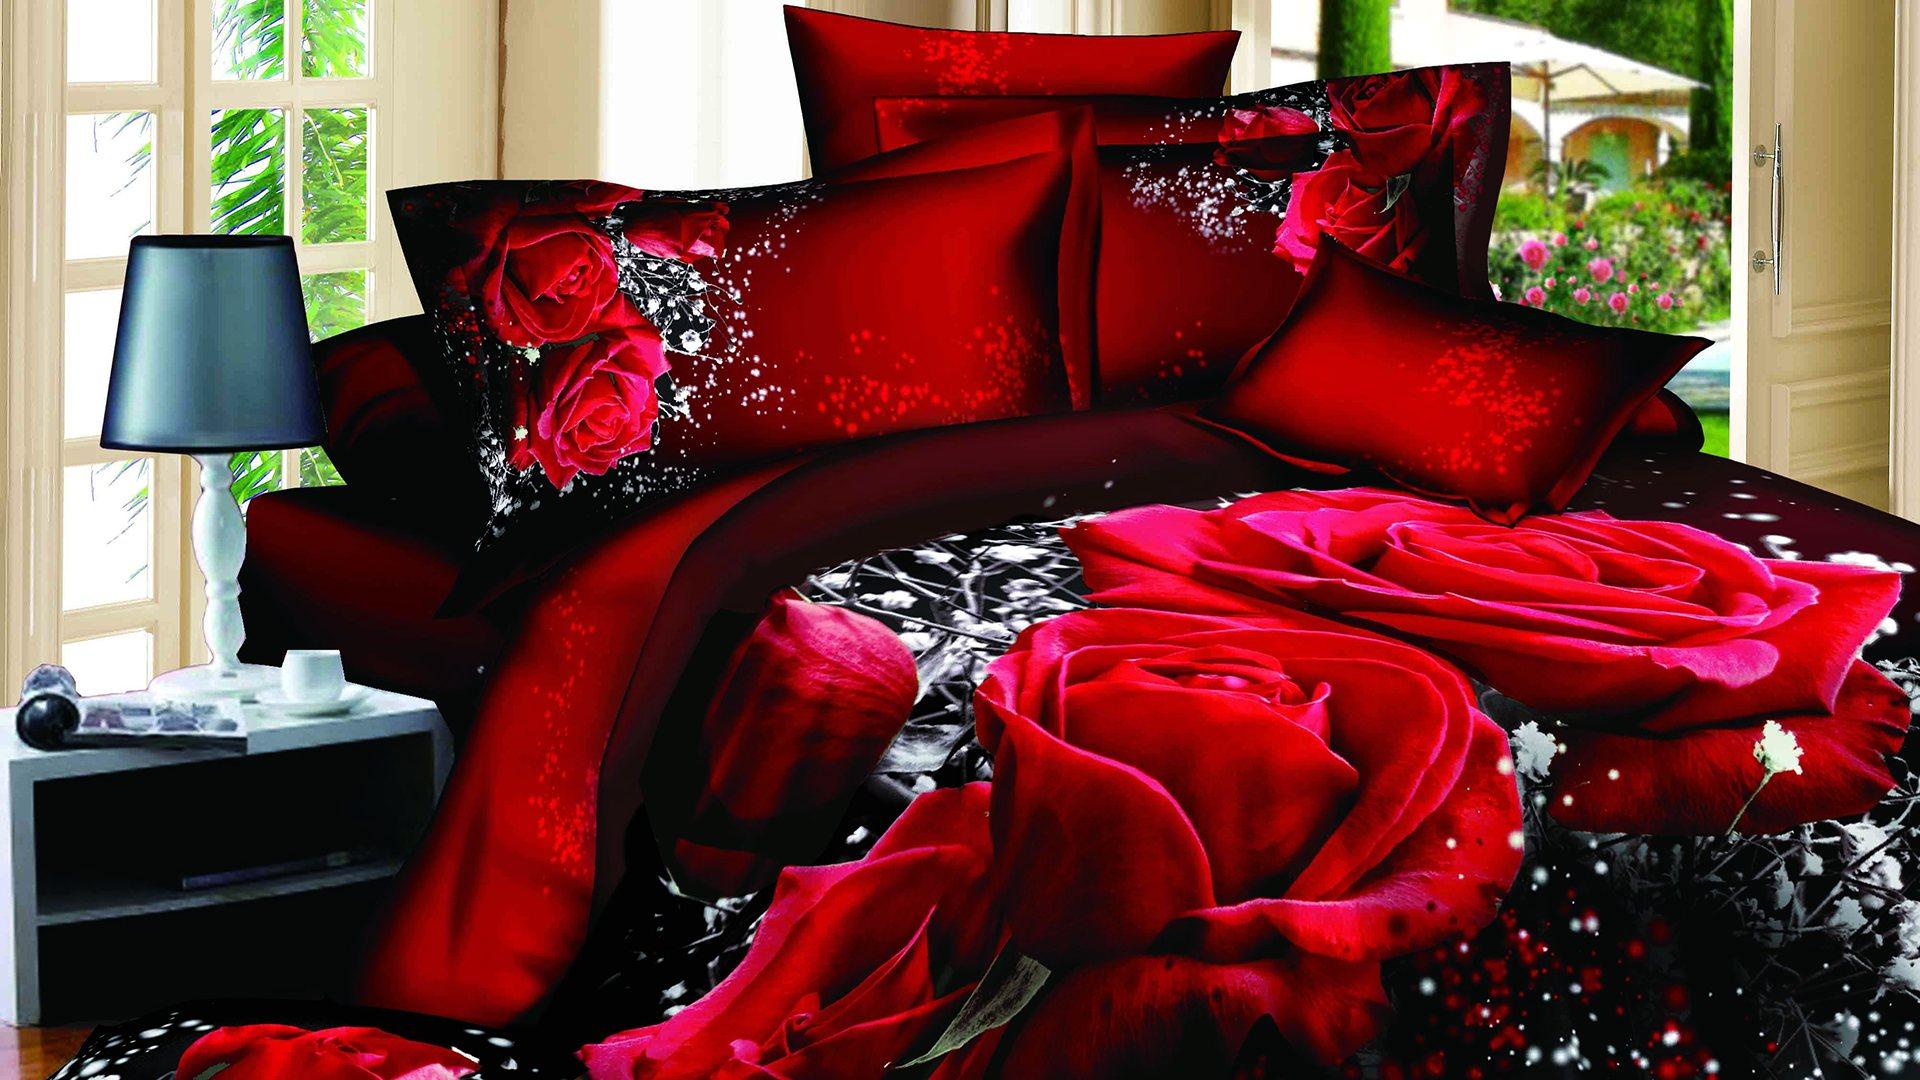 4 На что нужно смотреть при выборе постельного белья